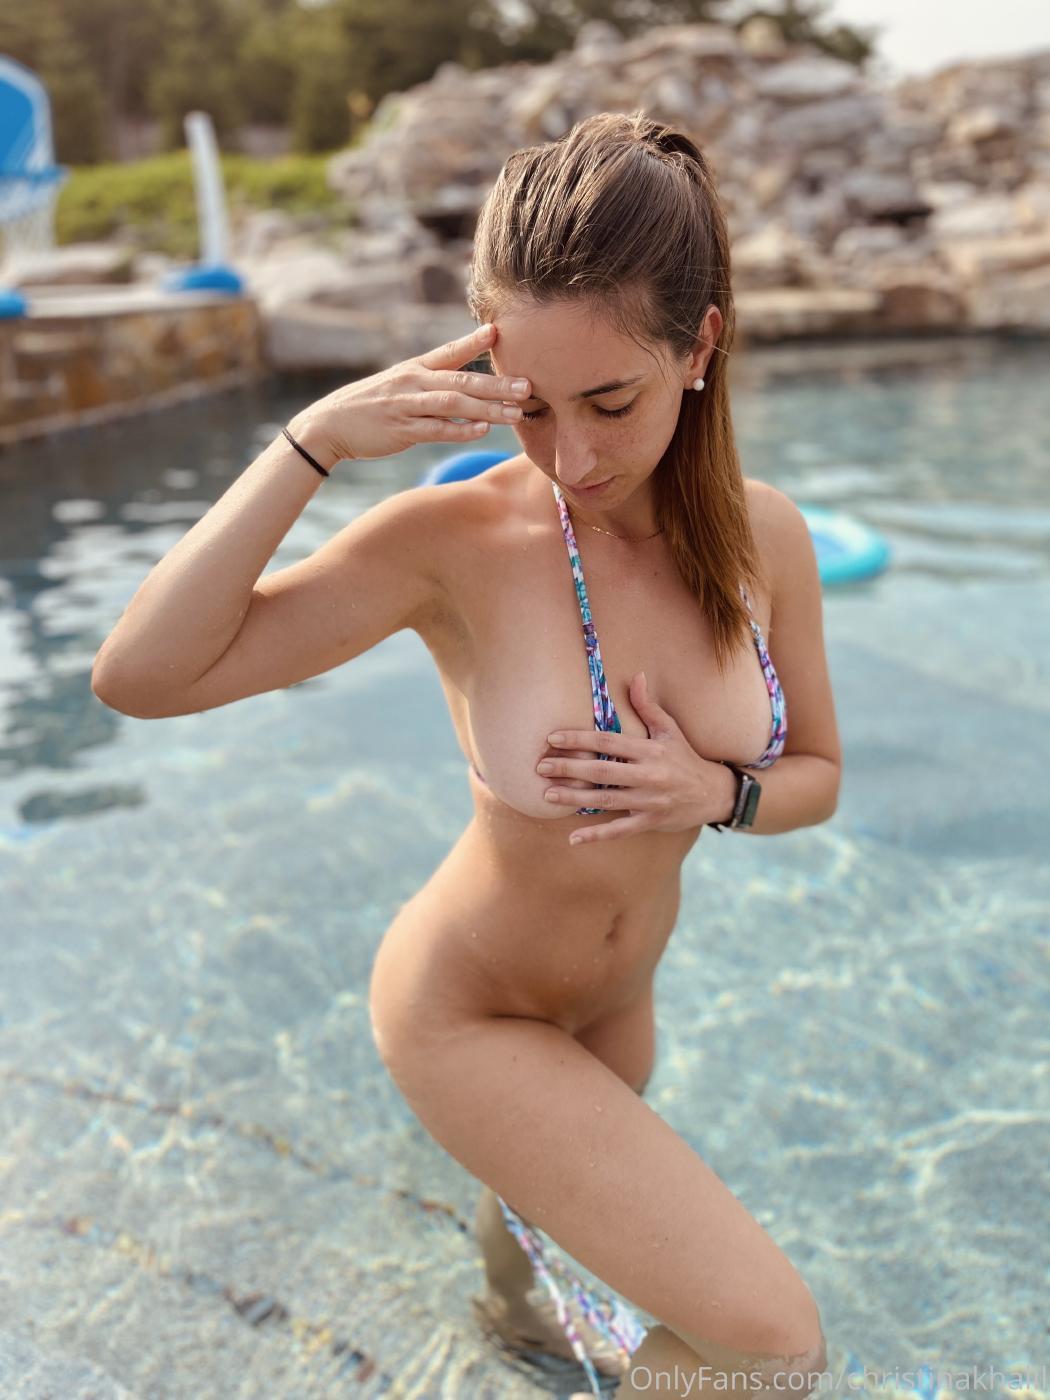 Christina Khalil Topless Pool Onlyfans Set Leaked Lcjkbp